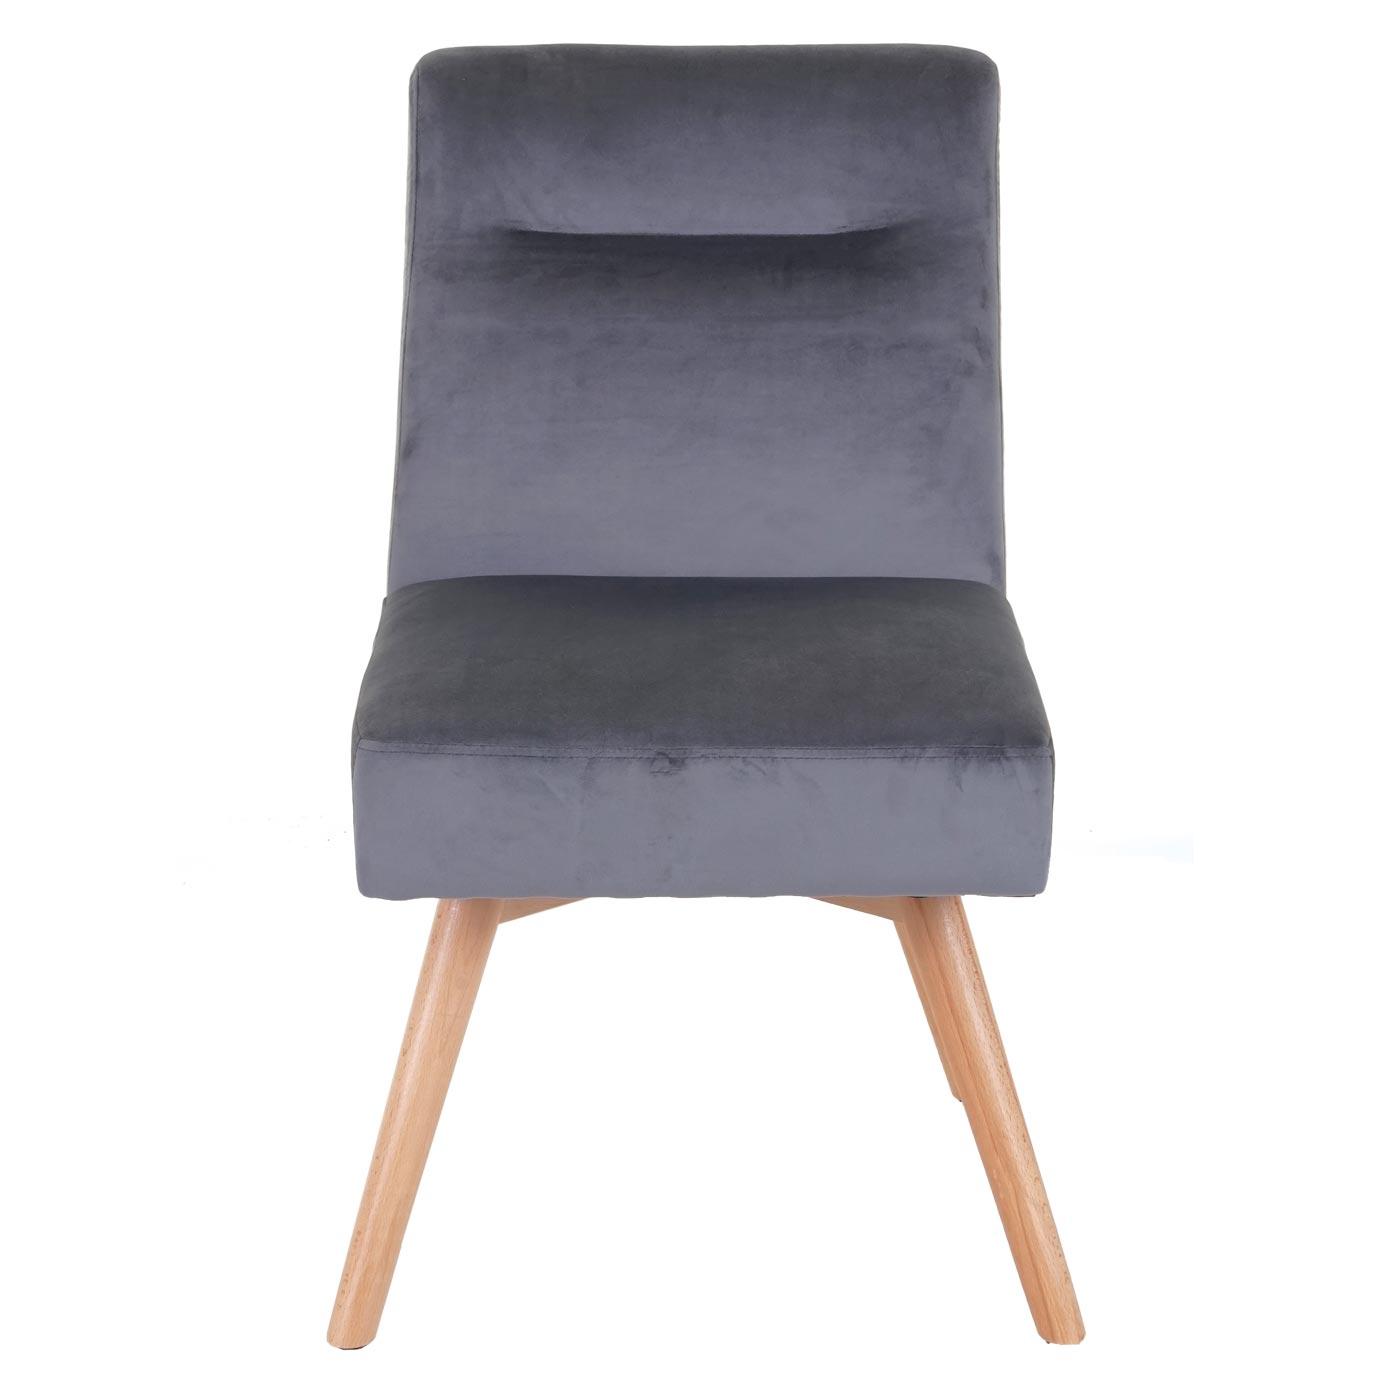 Esszimmerstuhl HWC F38, Stuhl Küchenstuhl, Retro Design Samt